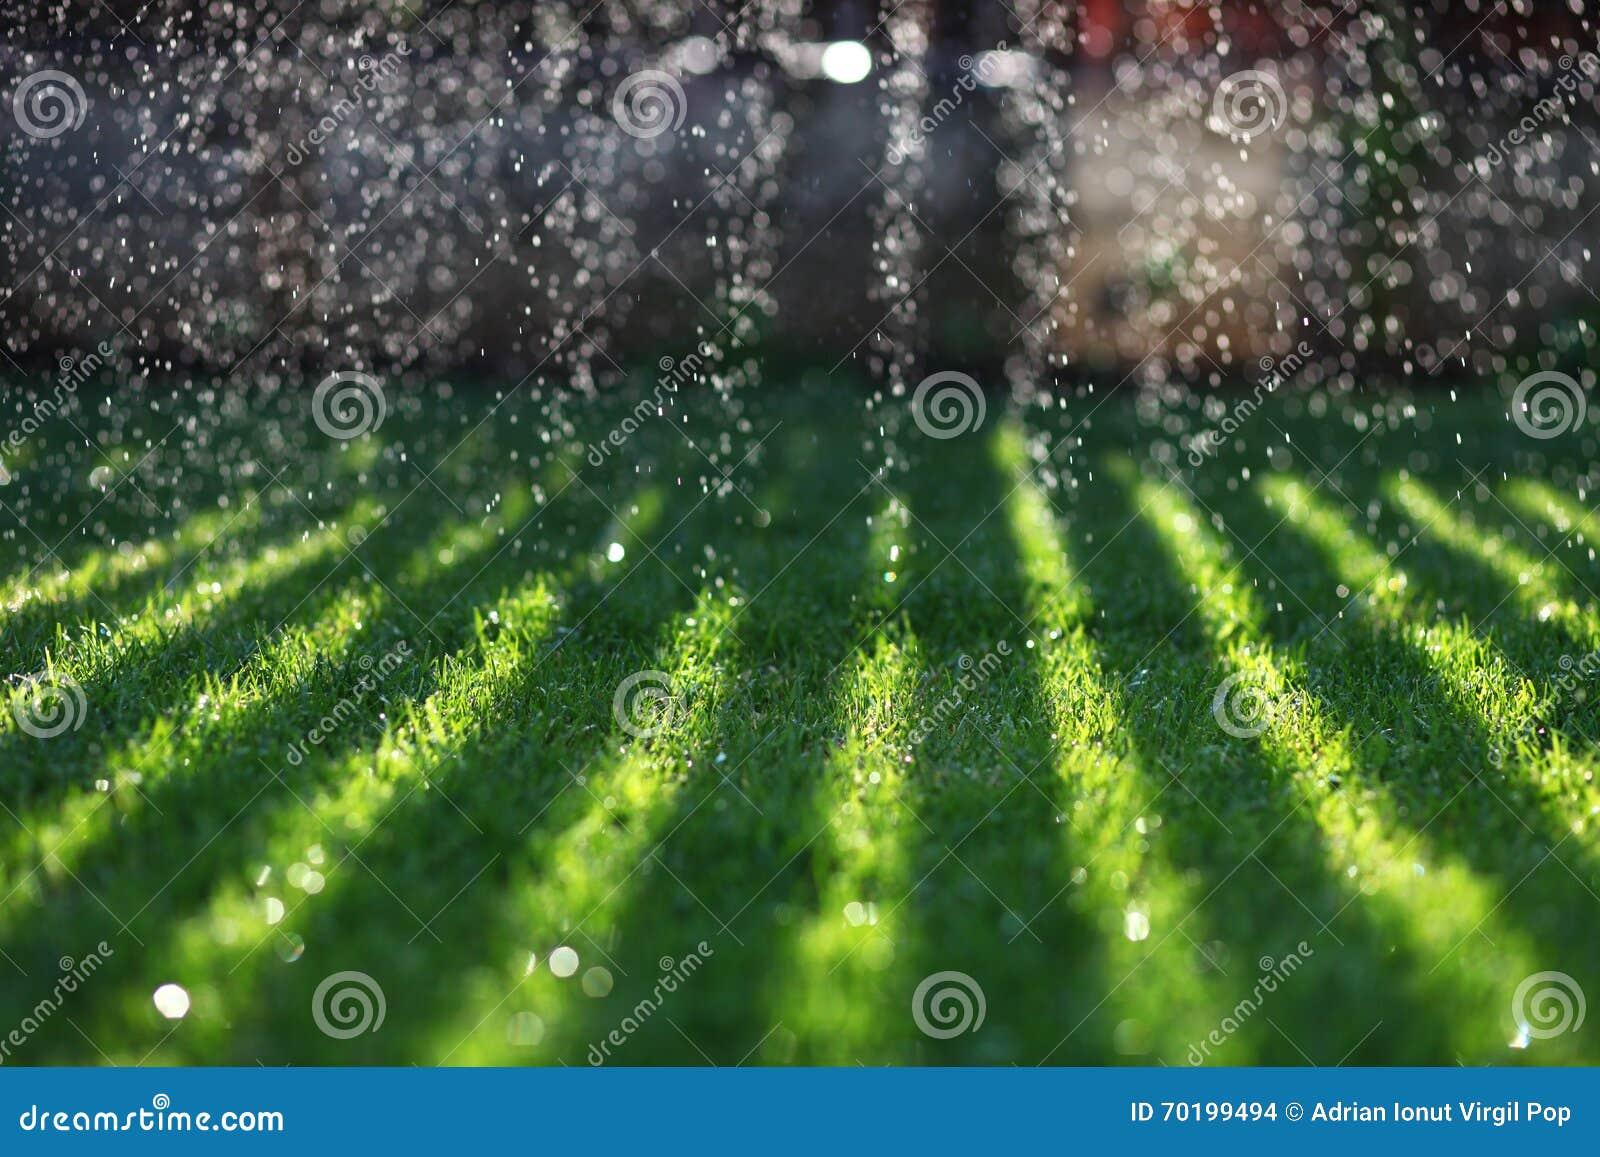 Vatten som faller på grön gräsmatta